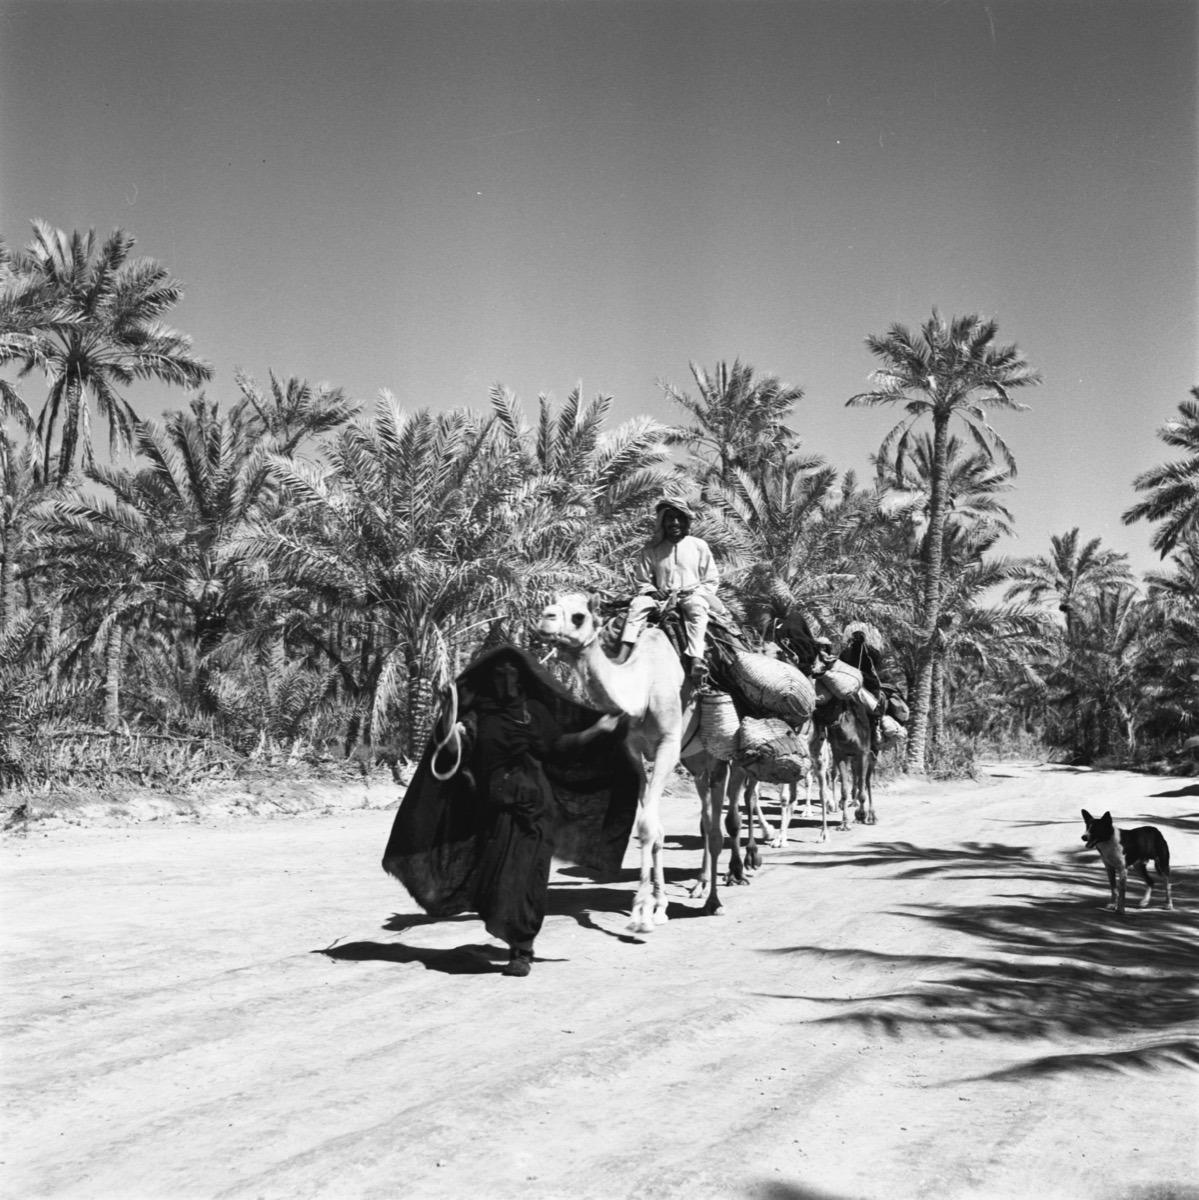 صورة جميلة لامرأة تقود الجمال عبر واحة في المنطقة الشرقية